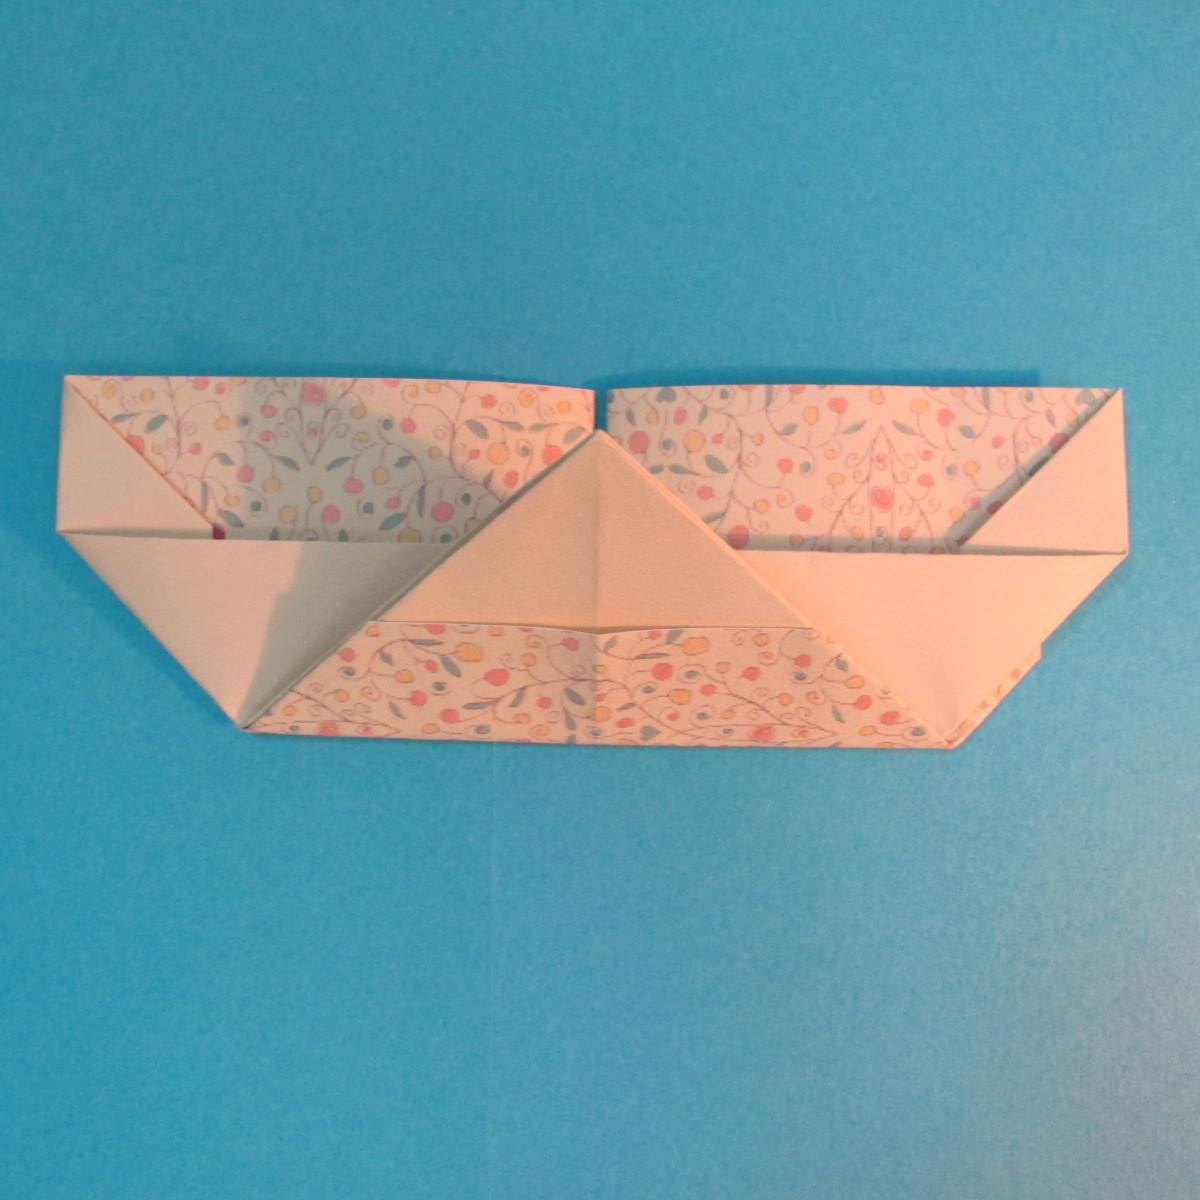 วิธีพับกระดาษเป็นผีเสื้อหางแฉก 025